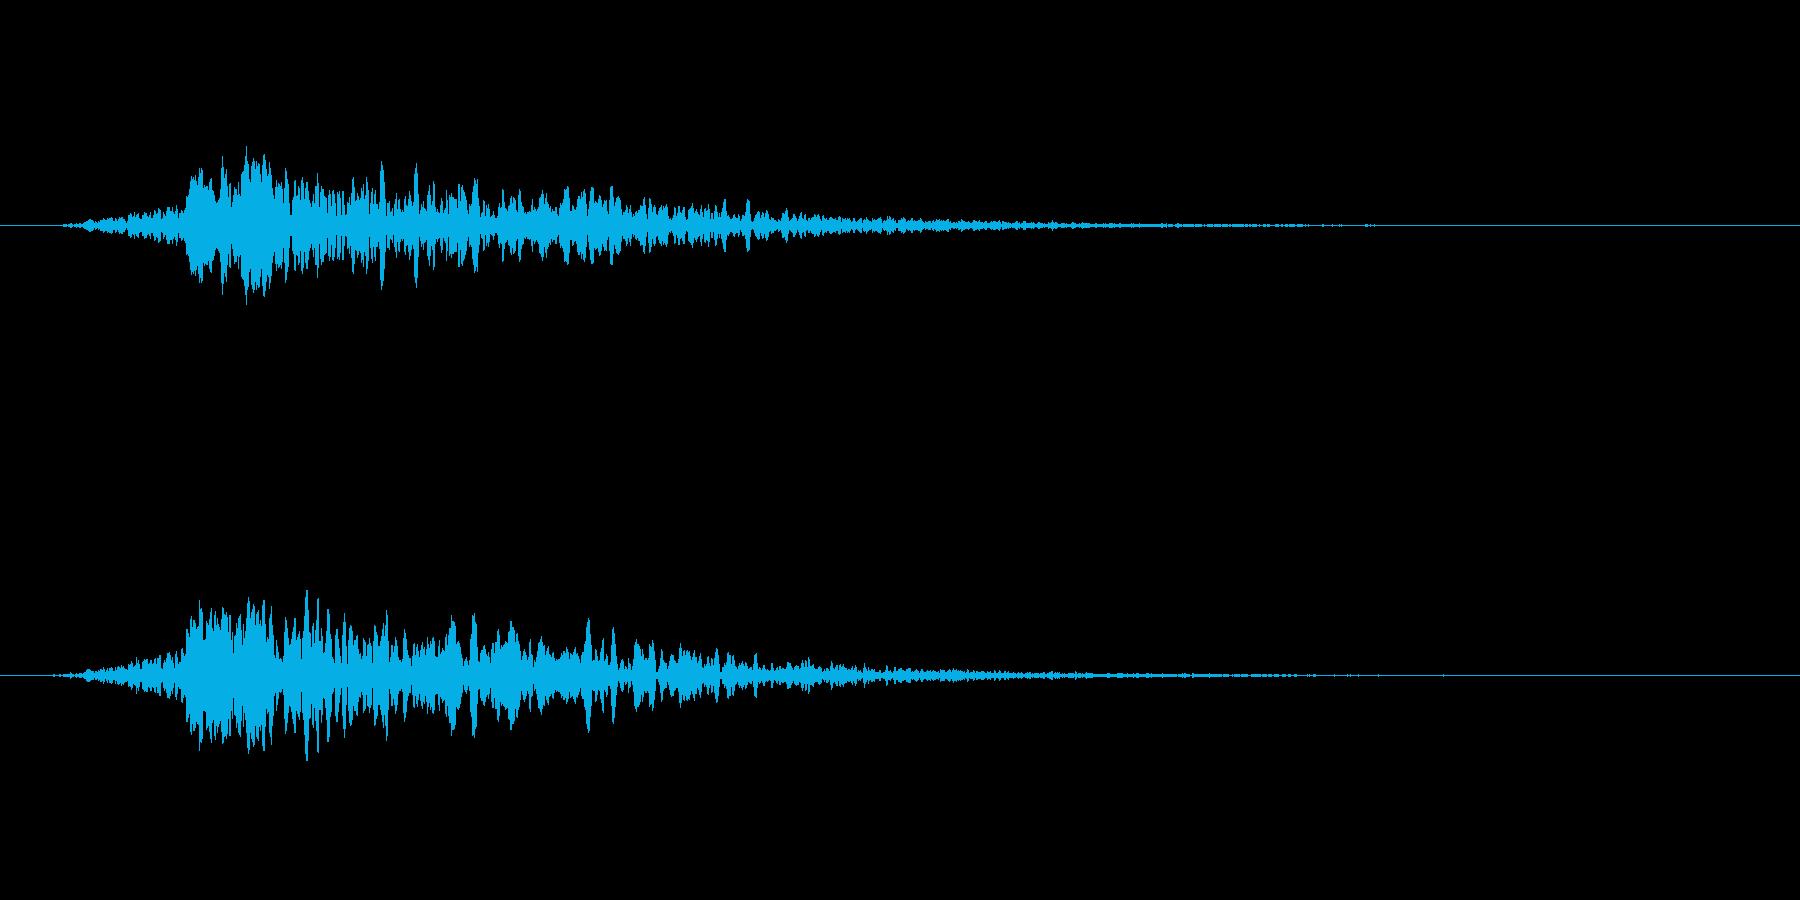 寒いギャグの後のヒューっていう風の音の再生済みの波形